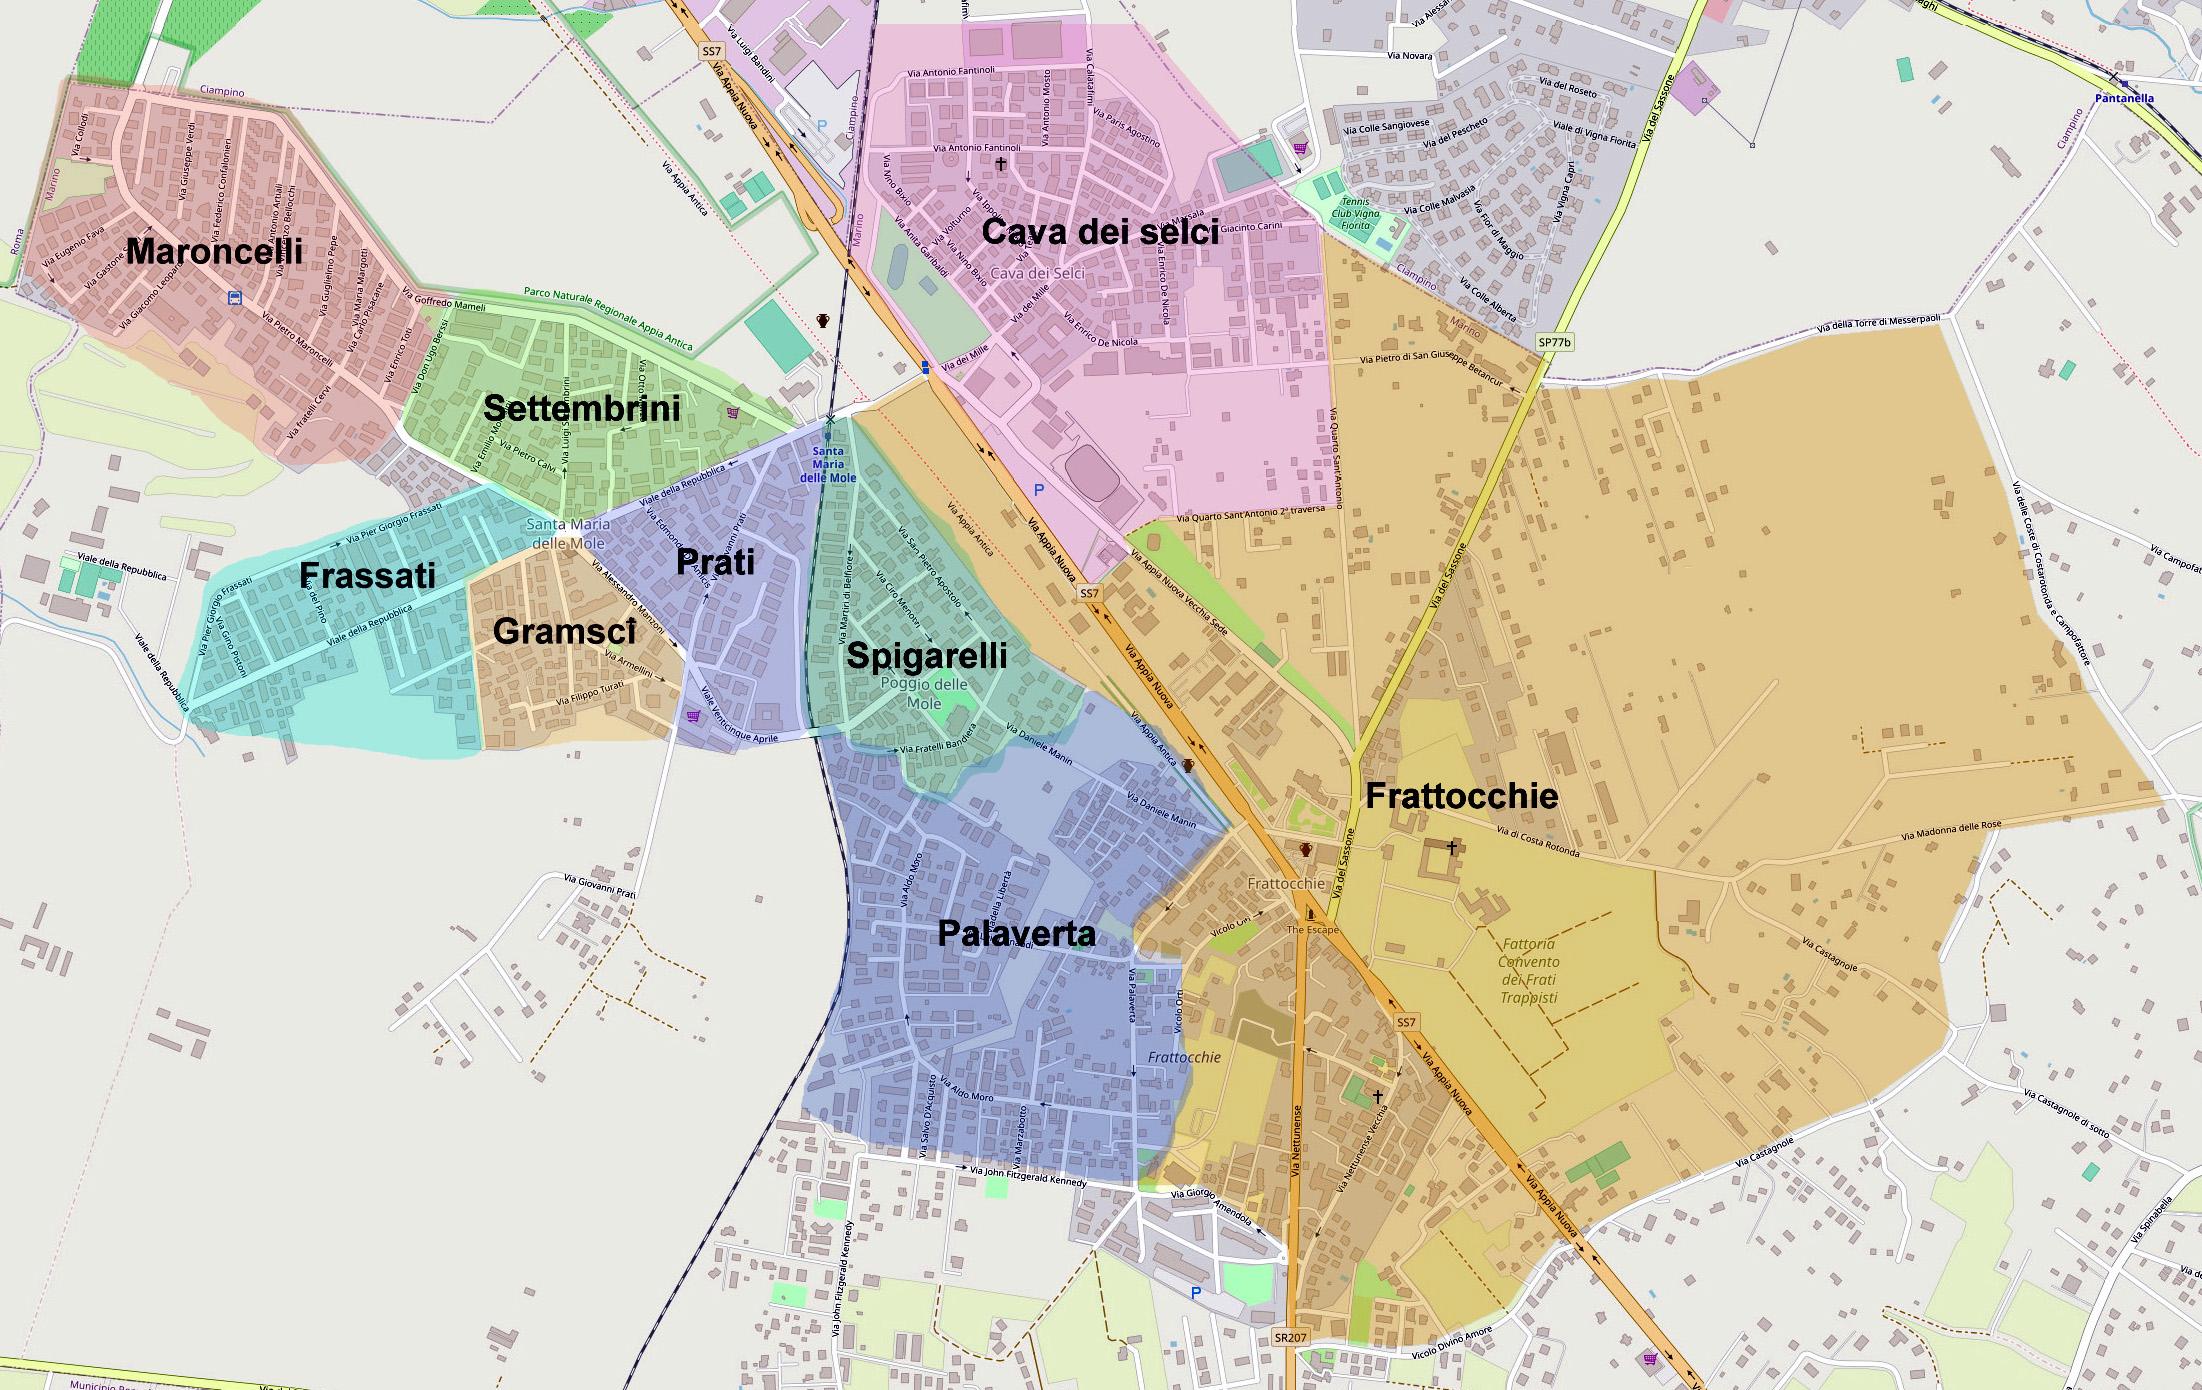 Cartina Roma Ciampino.Santa Maria Delle Mole Articoli Smariamole Santamariadellemole